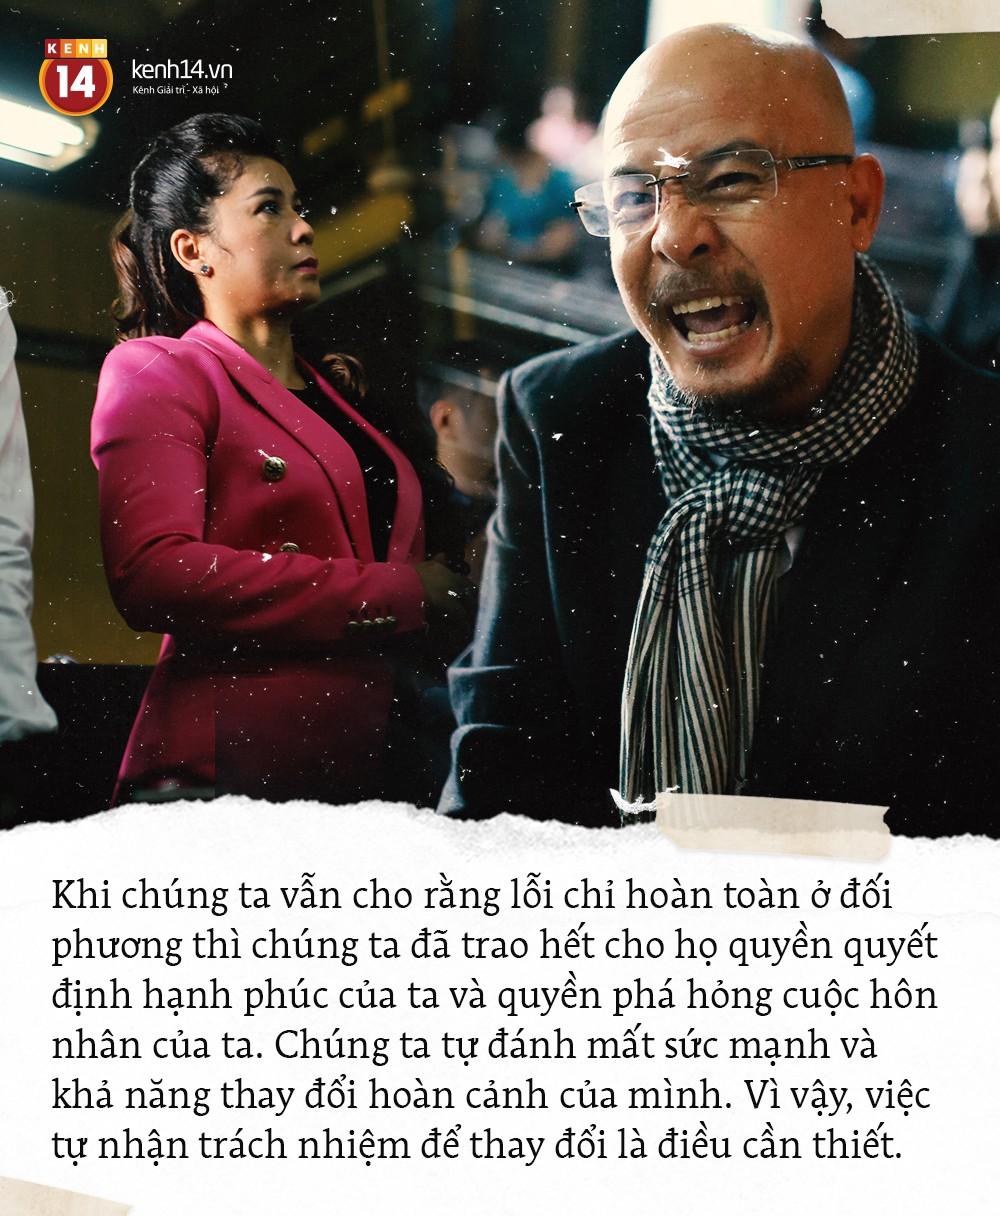 """Vụ ly hôn của Vua café Trung Nguyên: Bài học về tình nghĩa vợ chồng và bi kịch của những """"người giàu cũng khóc"""" - Ảnh 7."""